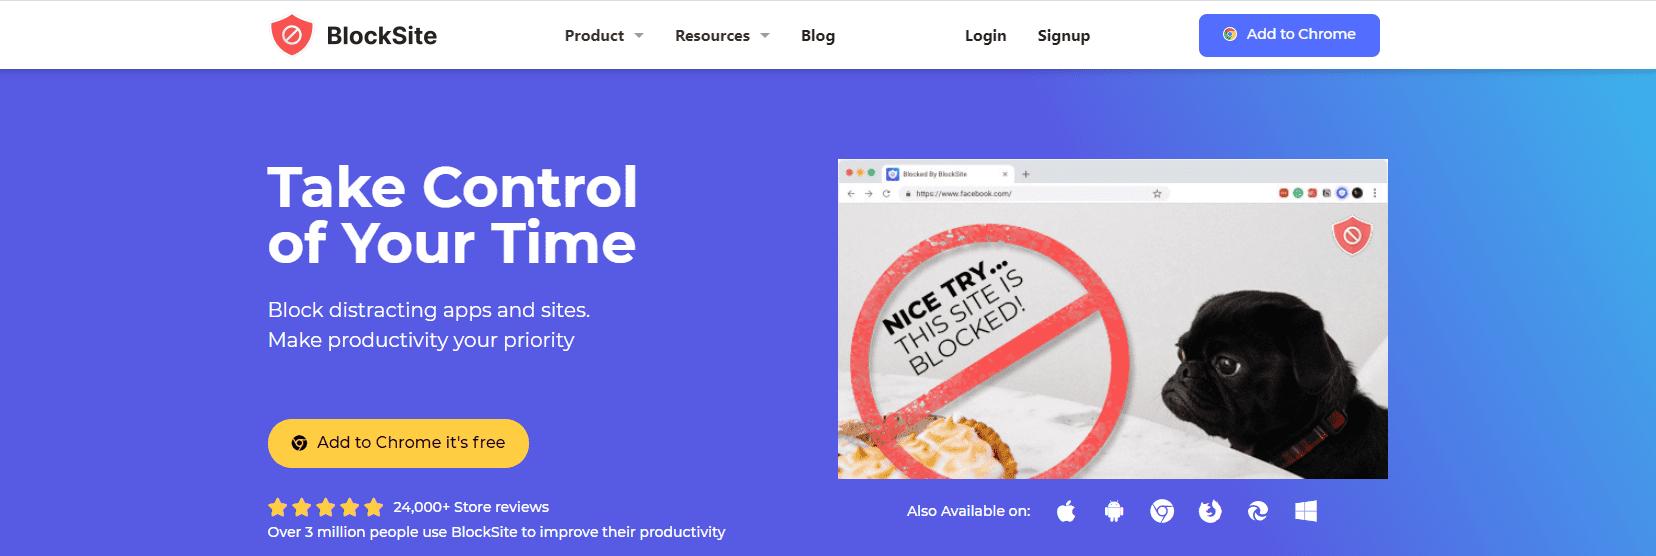 blocksite tool homepage